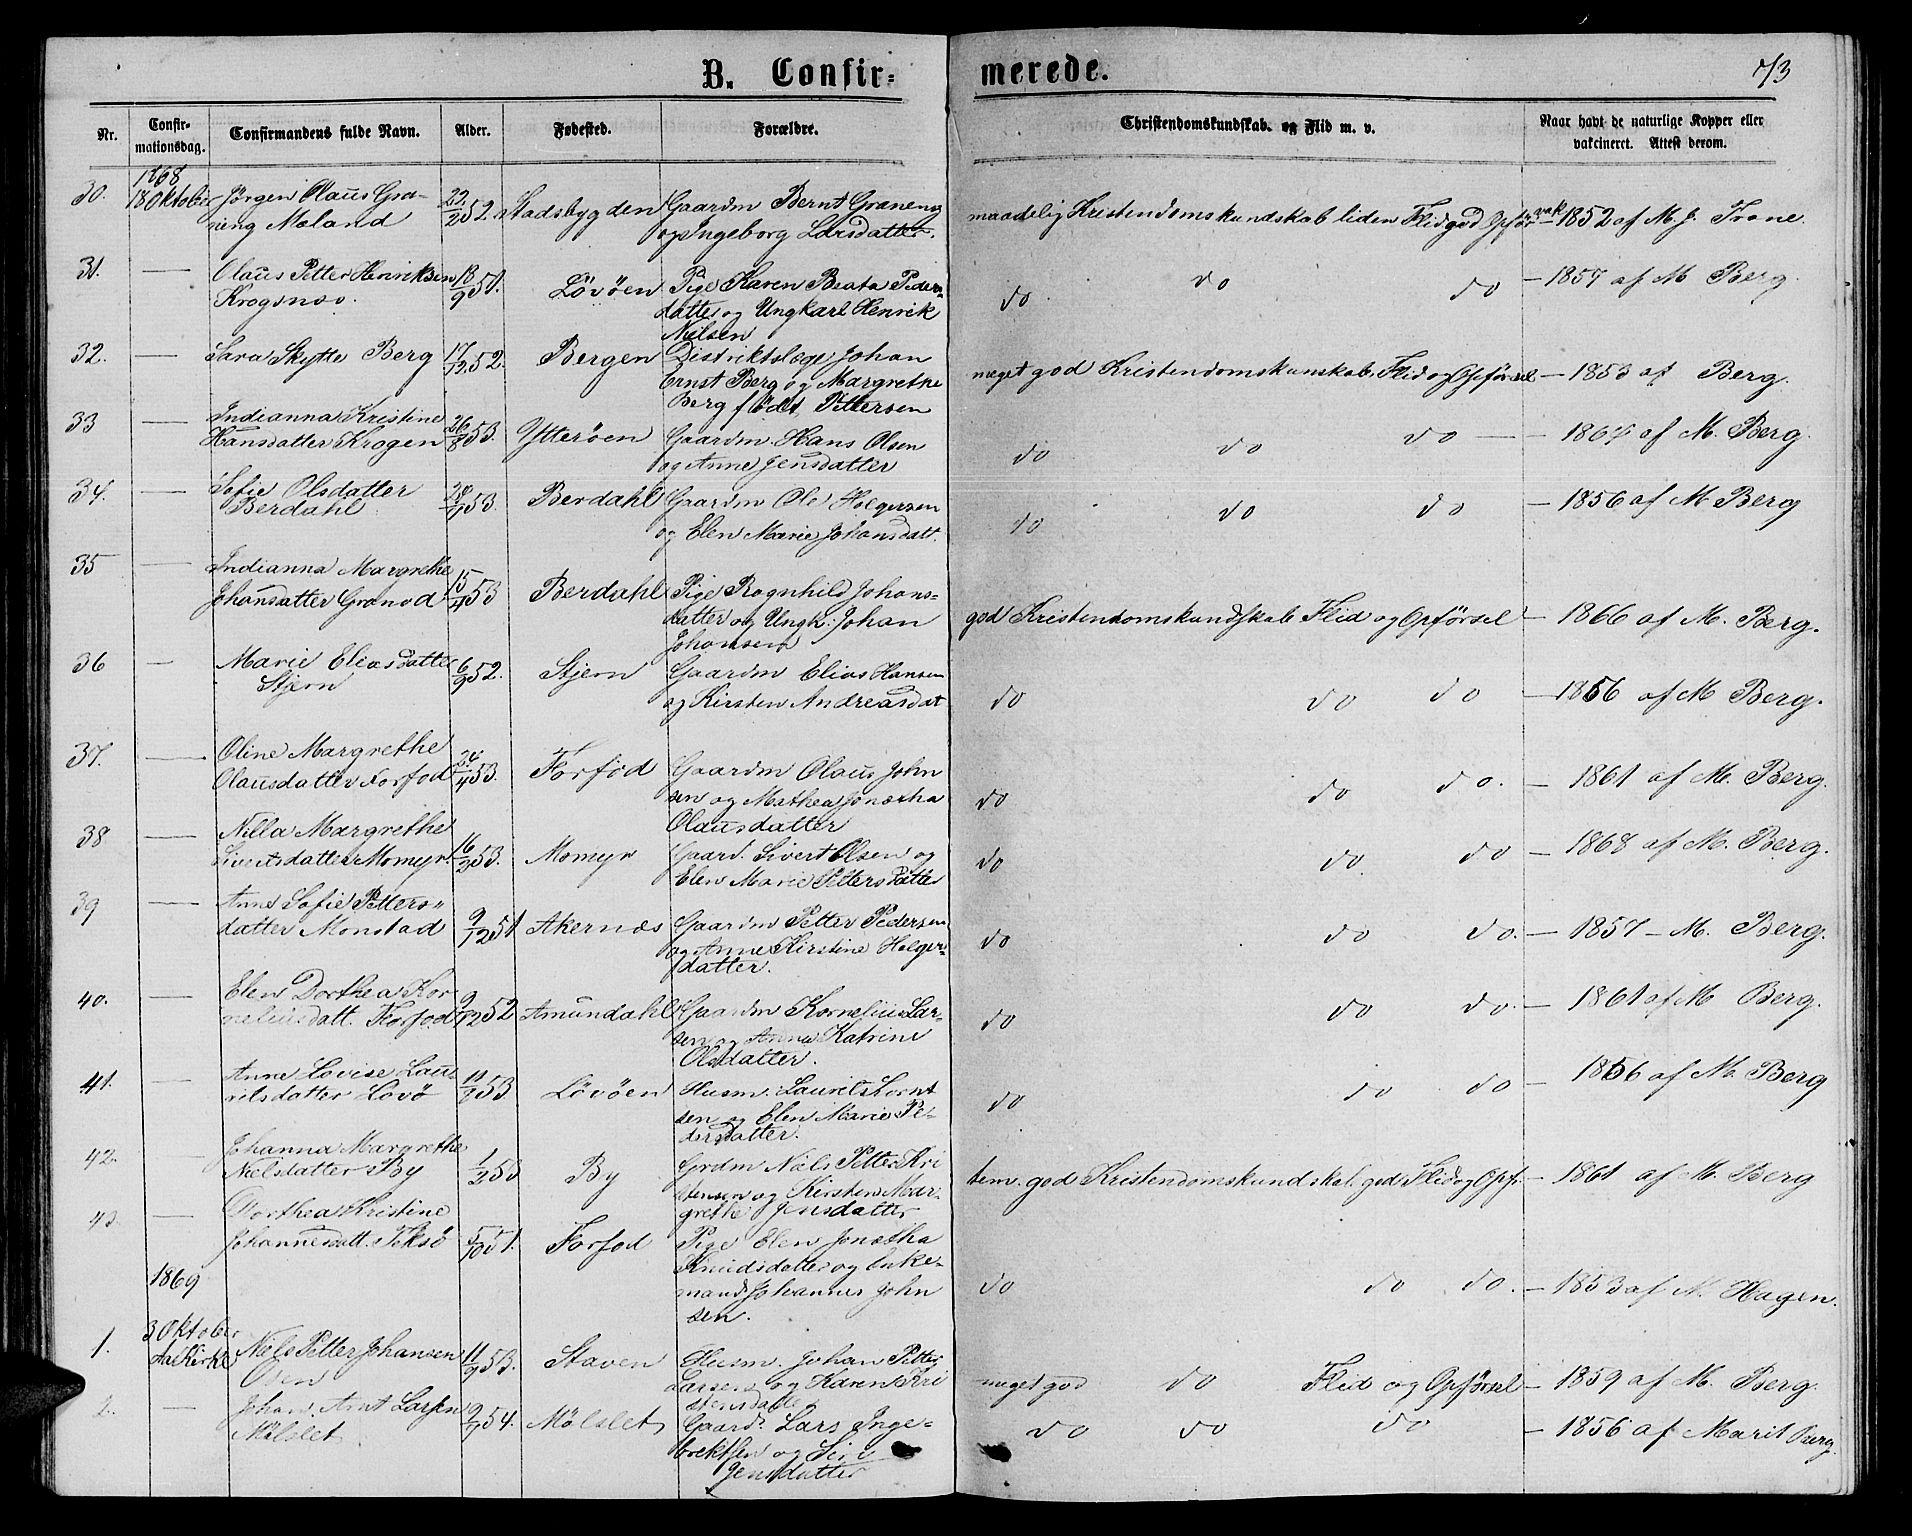 SAT, Ministerialprotokoller, klokkerbøker og fødselsregistre - Sør-Trøndelag, 655/L0686: Klokkerbok nr. 655C02, 1866-1879, s. 73